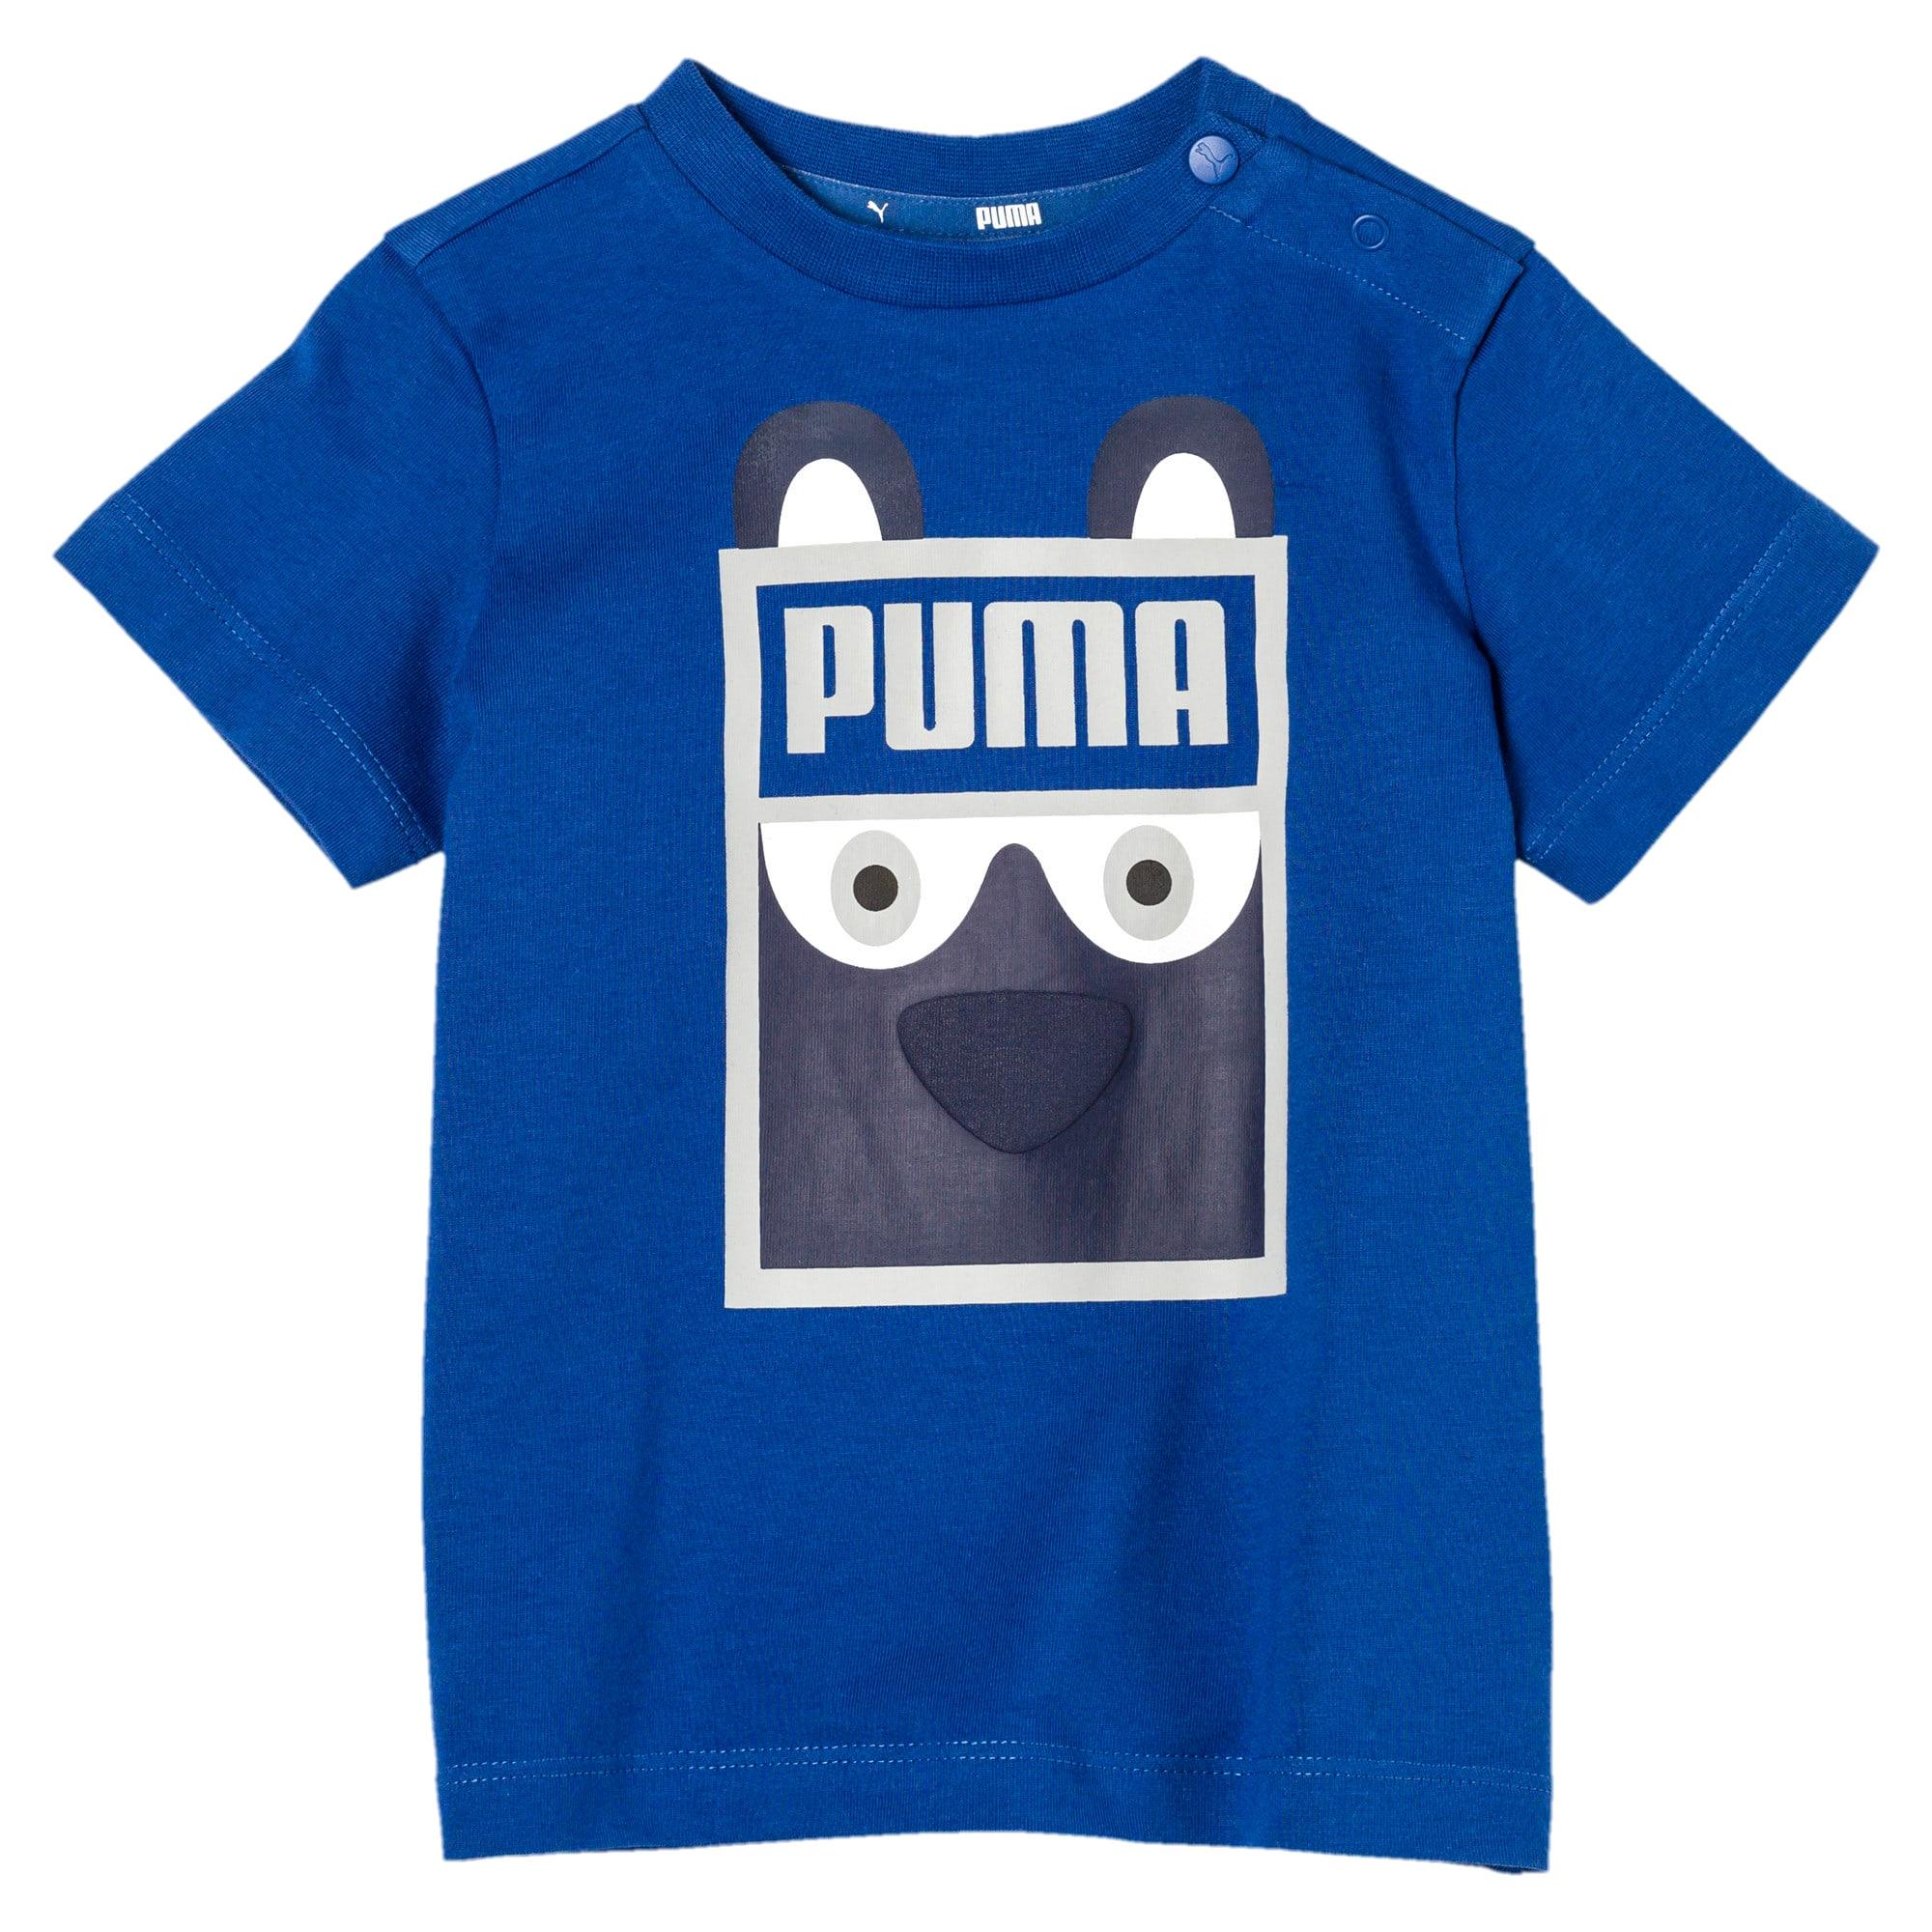 Vignette 3 de T-shirt Monster, nouveau-né + tout-petit, Galaxy Blue, moyen